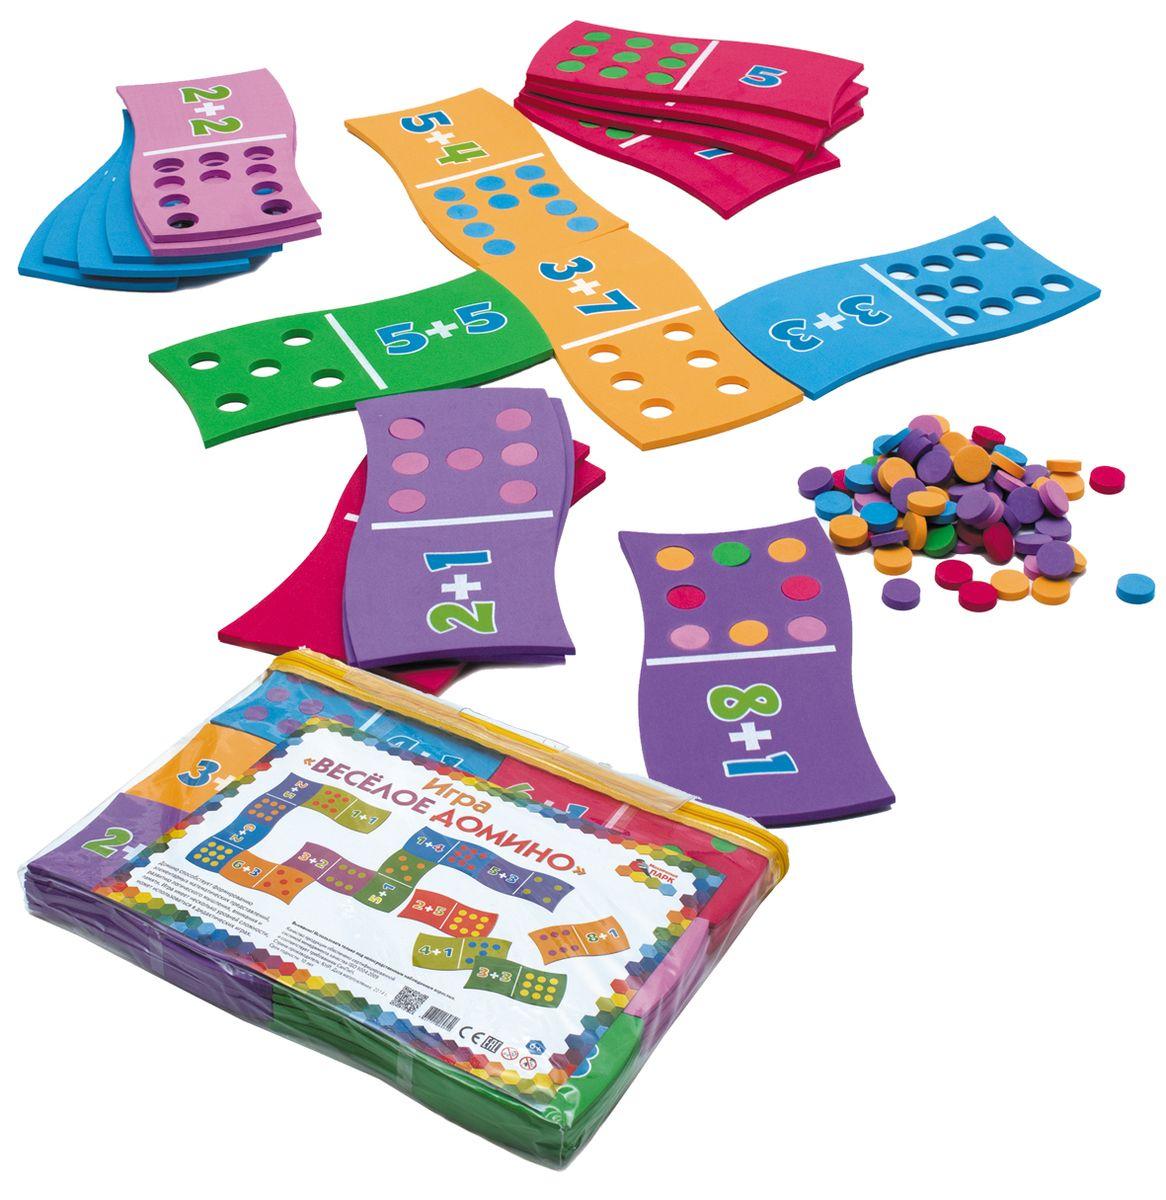 Мозаичный парк Пазл для малышей Веселое домино15127Игра «Весёлое домино». Игра «Весёлое домино» изготовлена из материала EVA (безопасный вспененный полимер). Игра предназначена для детей от шести лет. В процессе игры ребёнок закрепляет навыки счёта, запоминает цифры, решает арифметические примеры. В игру входят 36 карточек домино неправильной формы. На одной стороне изображены числа от 3 до 10 и кружки?, на другой — суммы чисел (арифметические примеры) и кружки?. Кружки? из карточек вынимаются, и их можно использовать для счёта, составления узоров, выкладывания цифр и других различных изображений на листе или столе. Карточки представляют собой детали пазла. Соединить их можно только определённым образом, что усложняет игру. В свой ход каждый игрок должен добавить в цепочку домино одну из своих карточек так, чтобы не только количество кружков совпало с числом или примером, но и сложился пазл. Игра продолжается до тех пор, пока у кого-либо из игроков не закончатся карточки. Этот игрок считается победителем. Игра может завершиться и в...